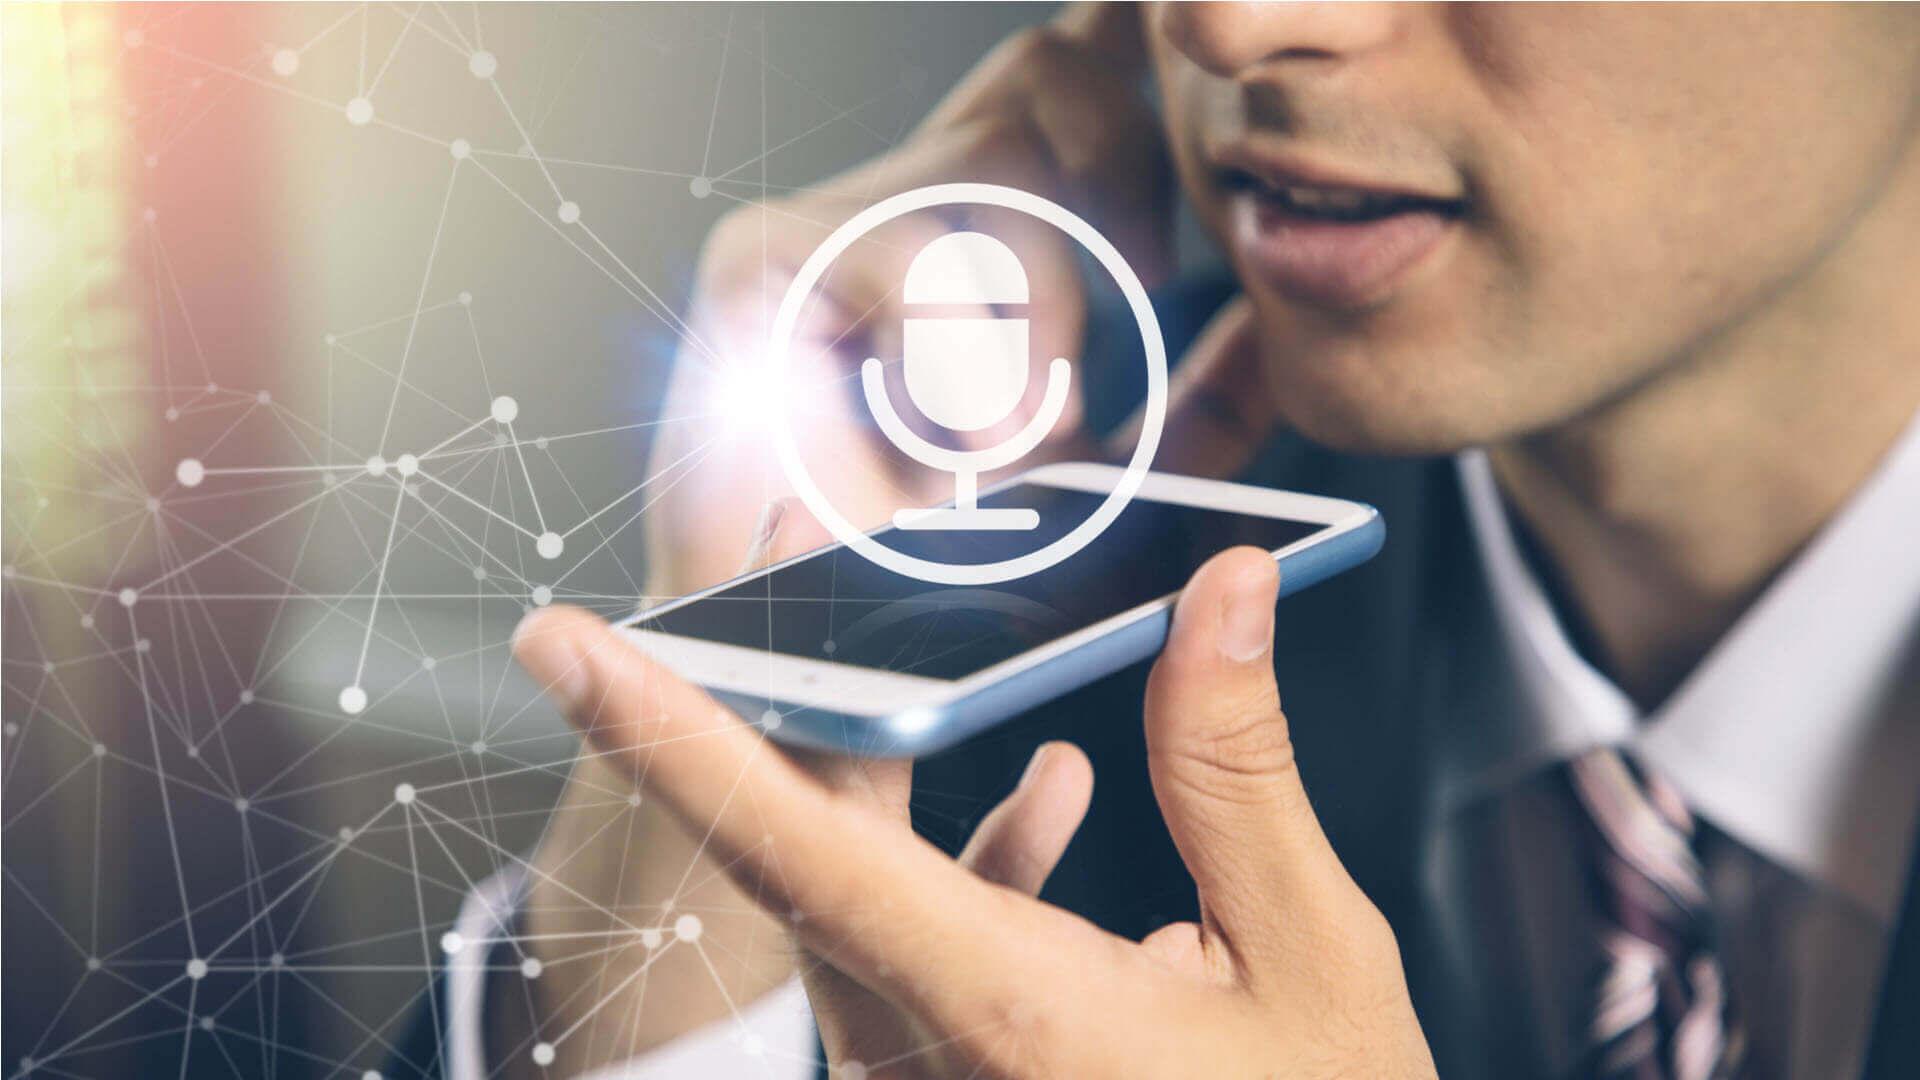 Як голосовий пошук та SEO стимулюватимусть продаж електронної комерції?